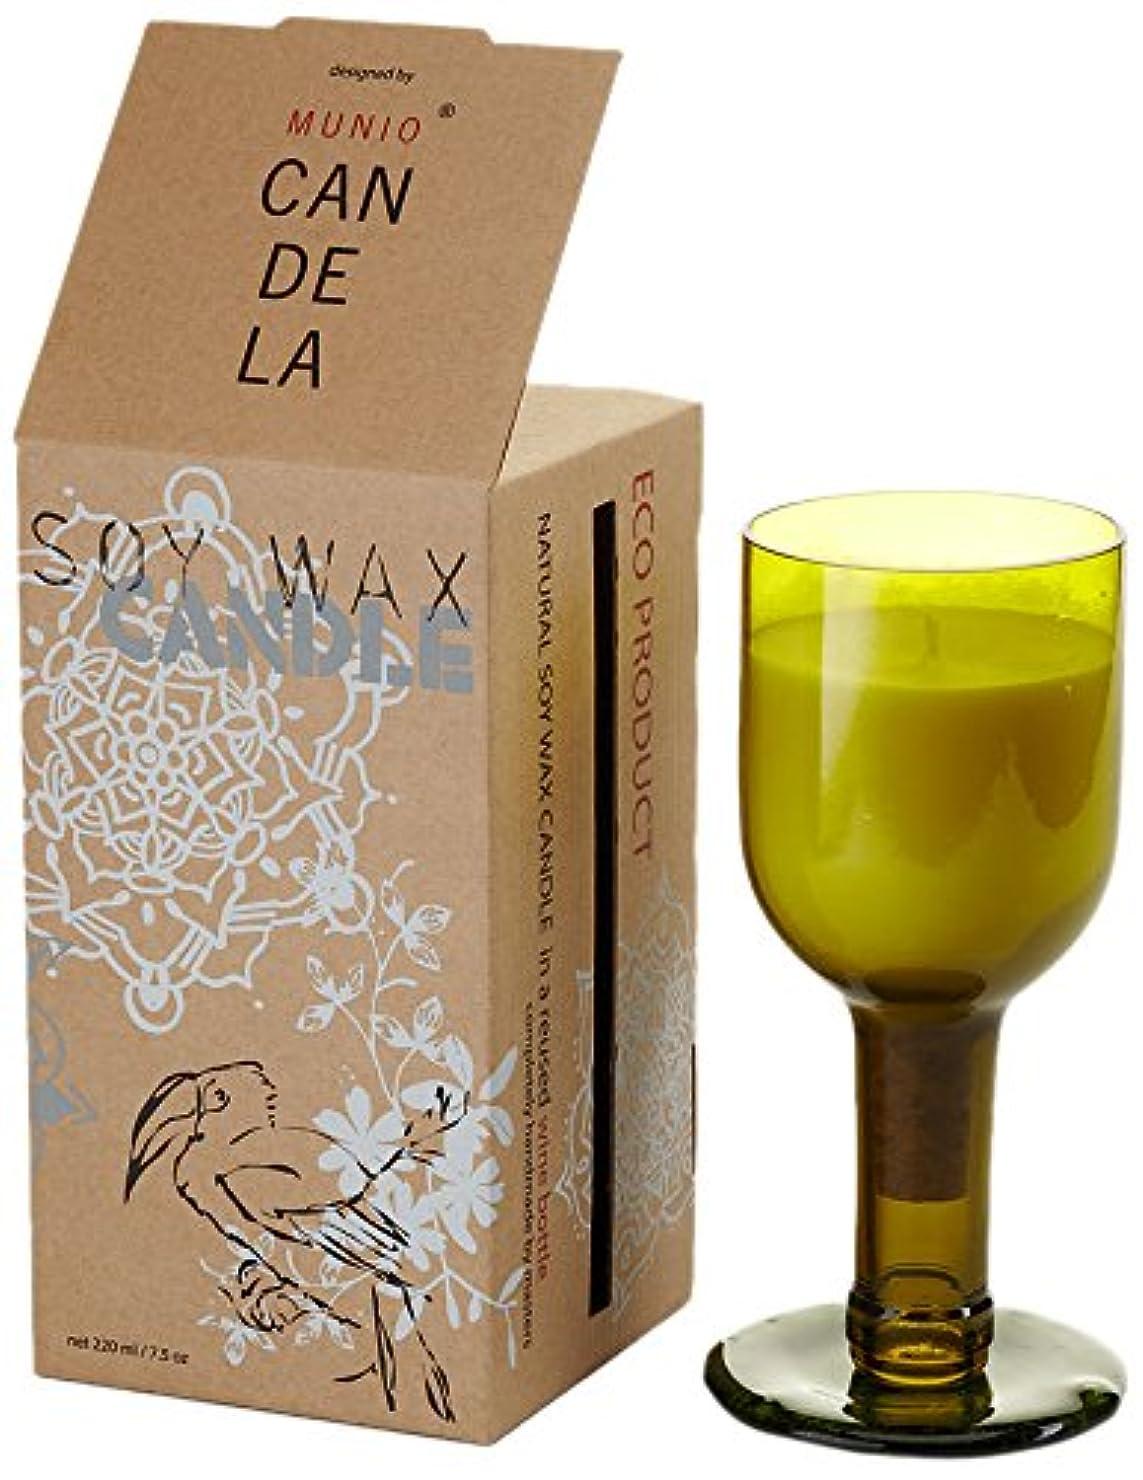 束チューブ彫刻家ソイワックス リユーズド ネック ワインボトル キャンドル ローズガーデン